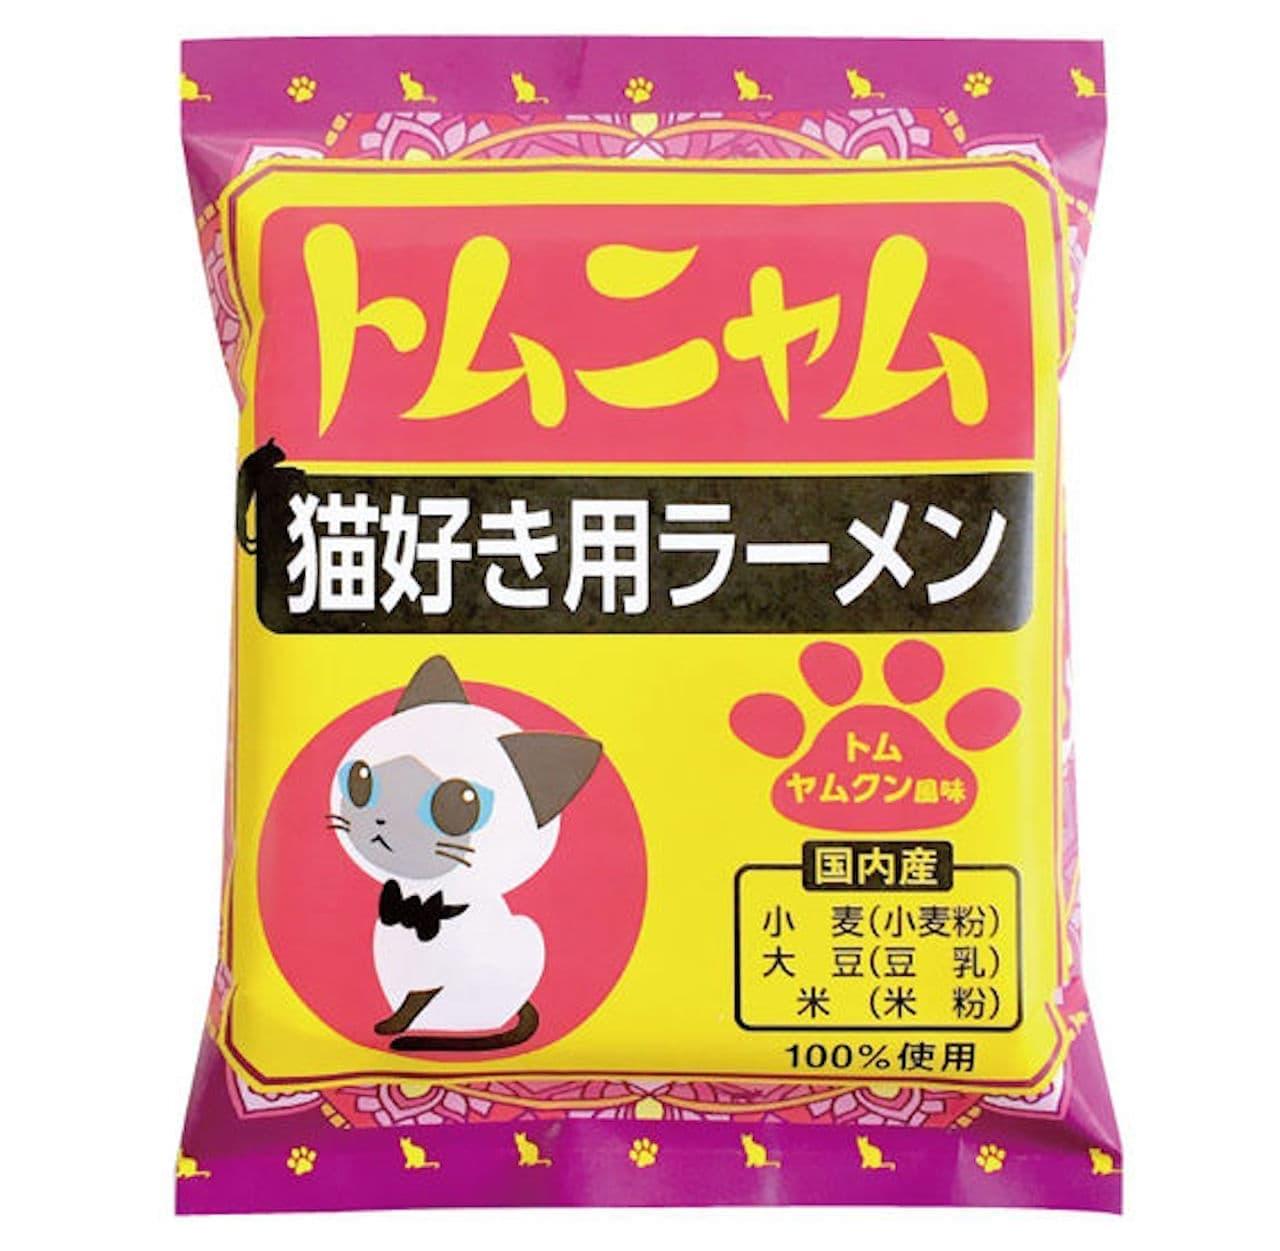 キリマルラーメン「トムニャムラーメン1食詰トムヤムクン風味」